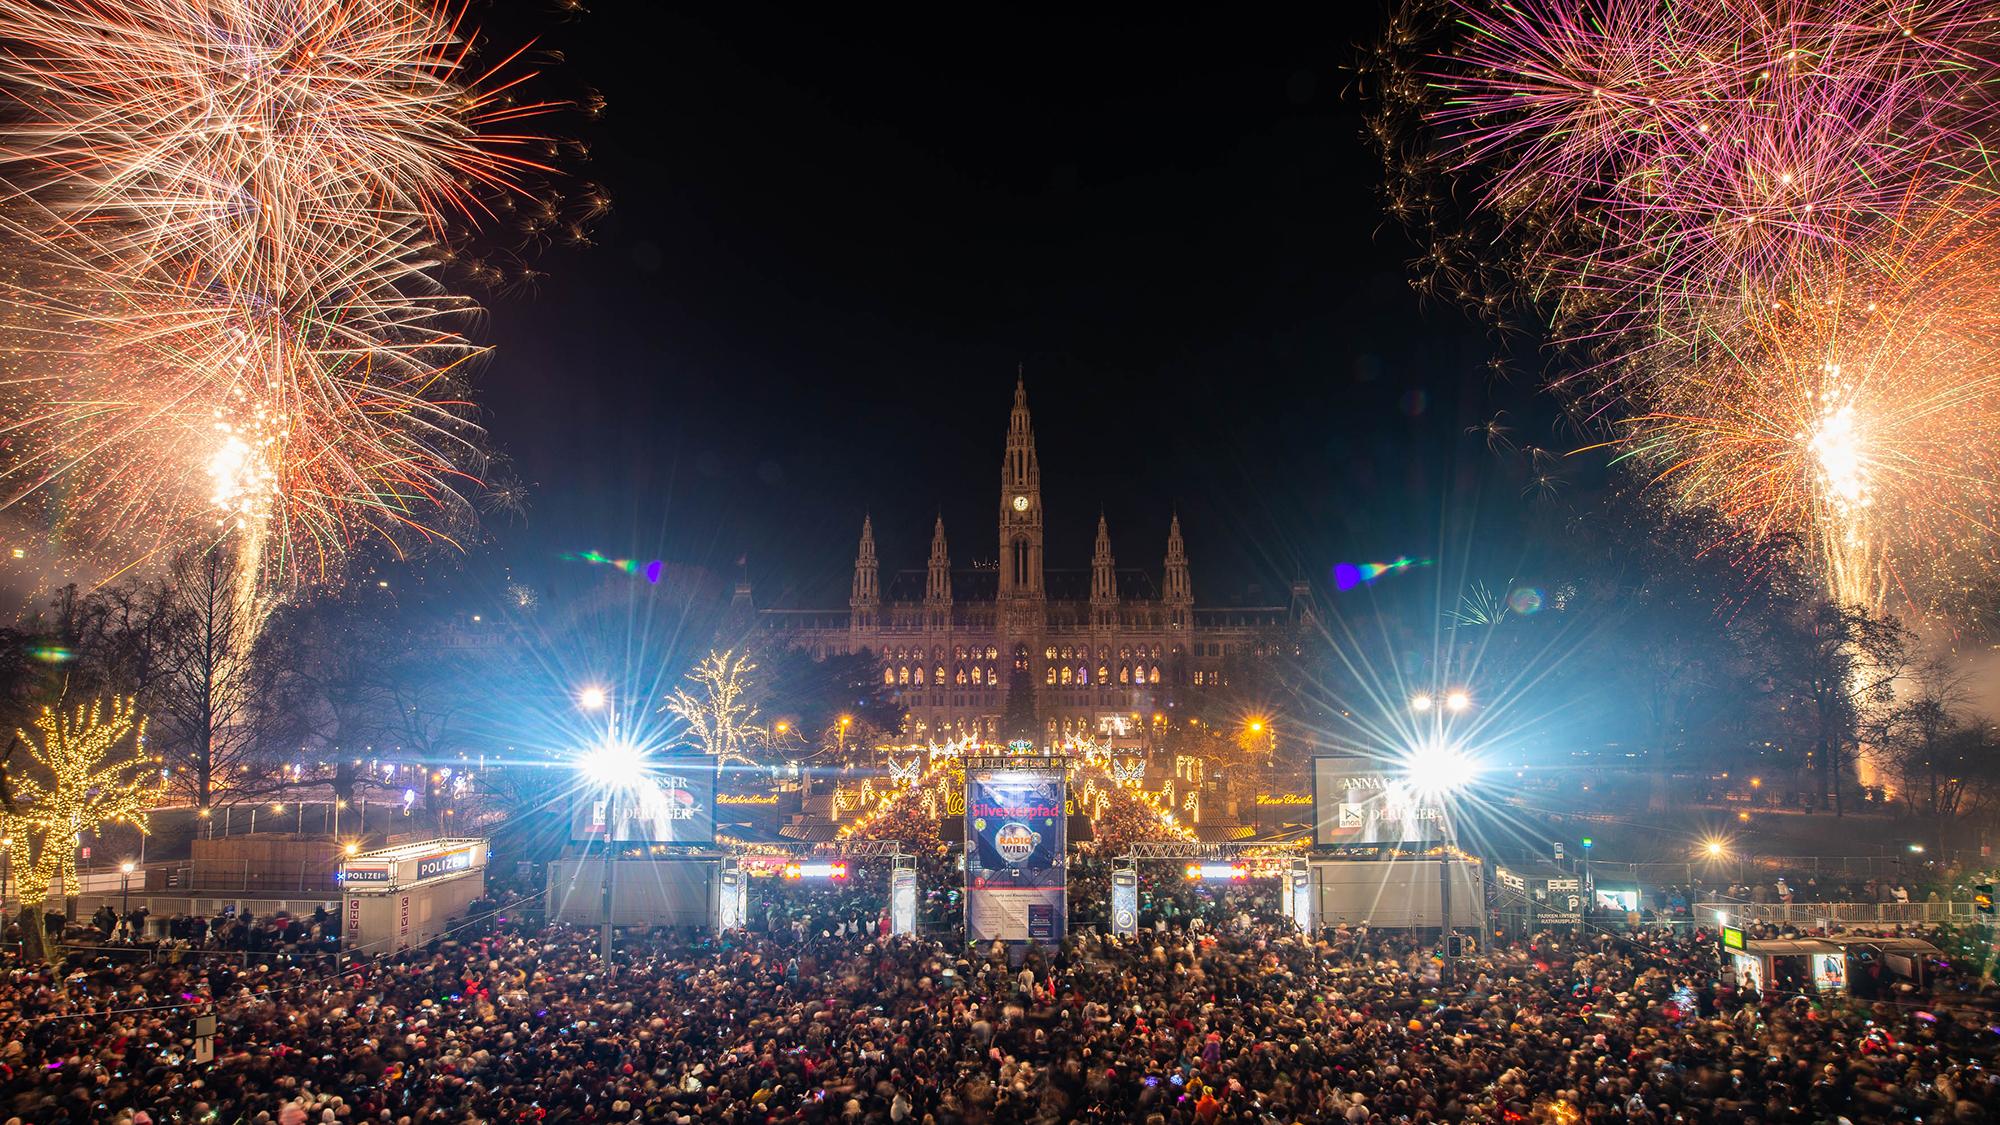 Das Feuerwerk über dem Rathausplatz